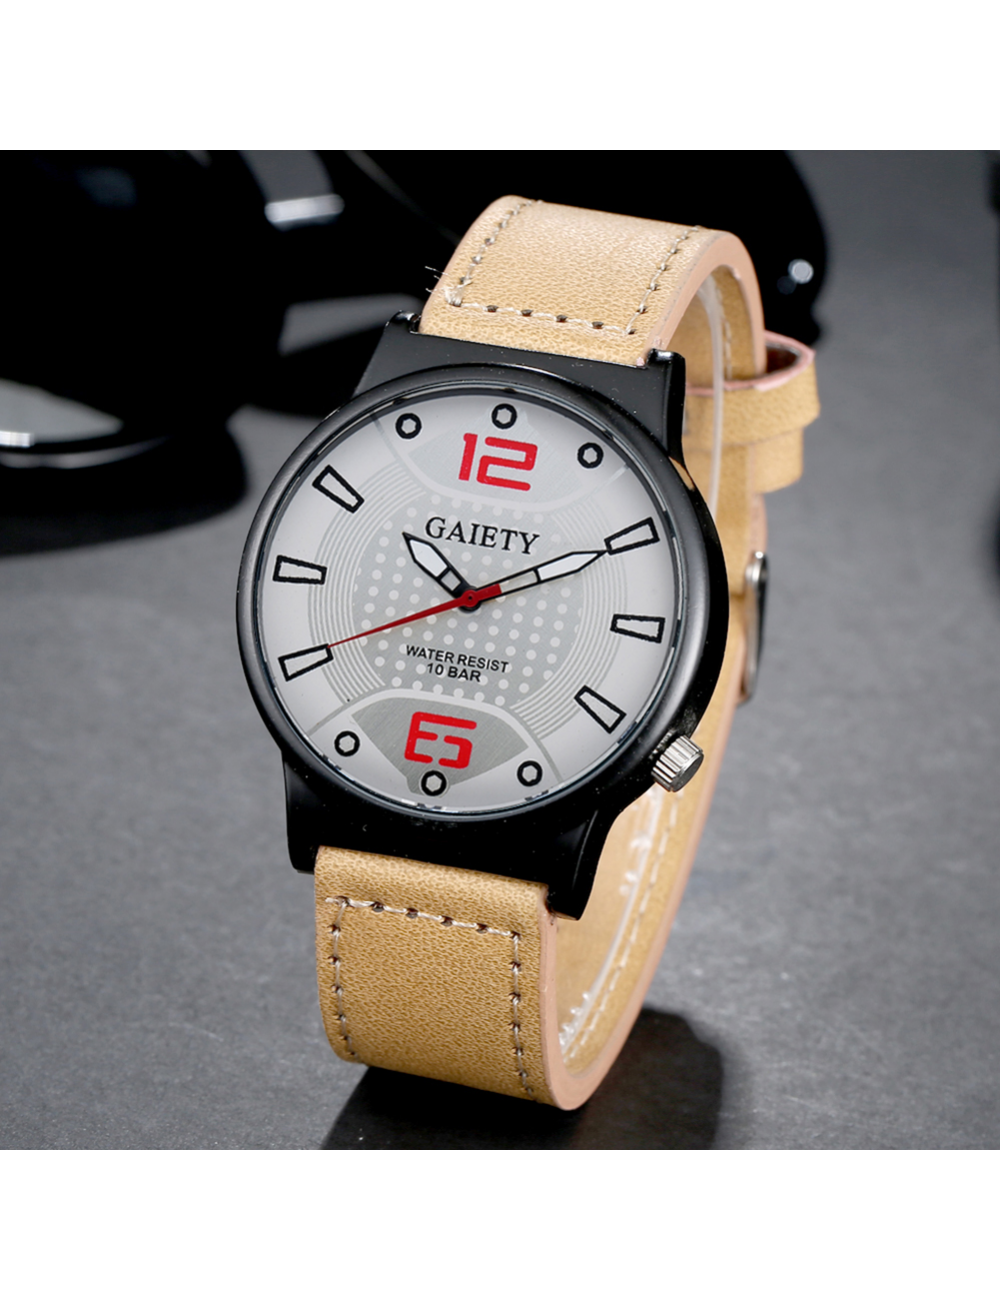 Reloj Elegante Dayoshop 39,900.00